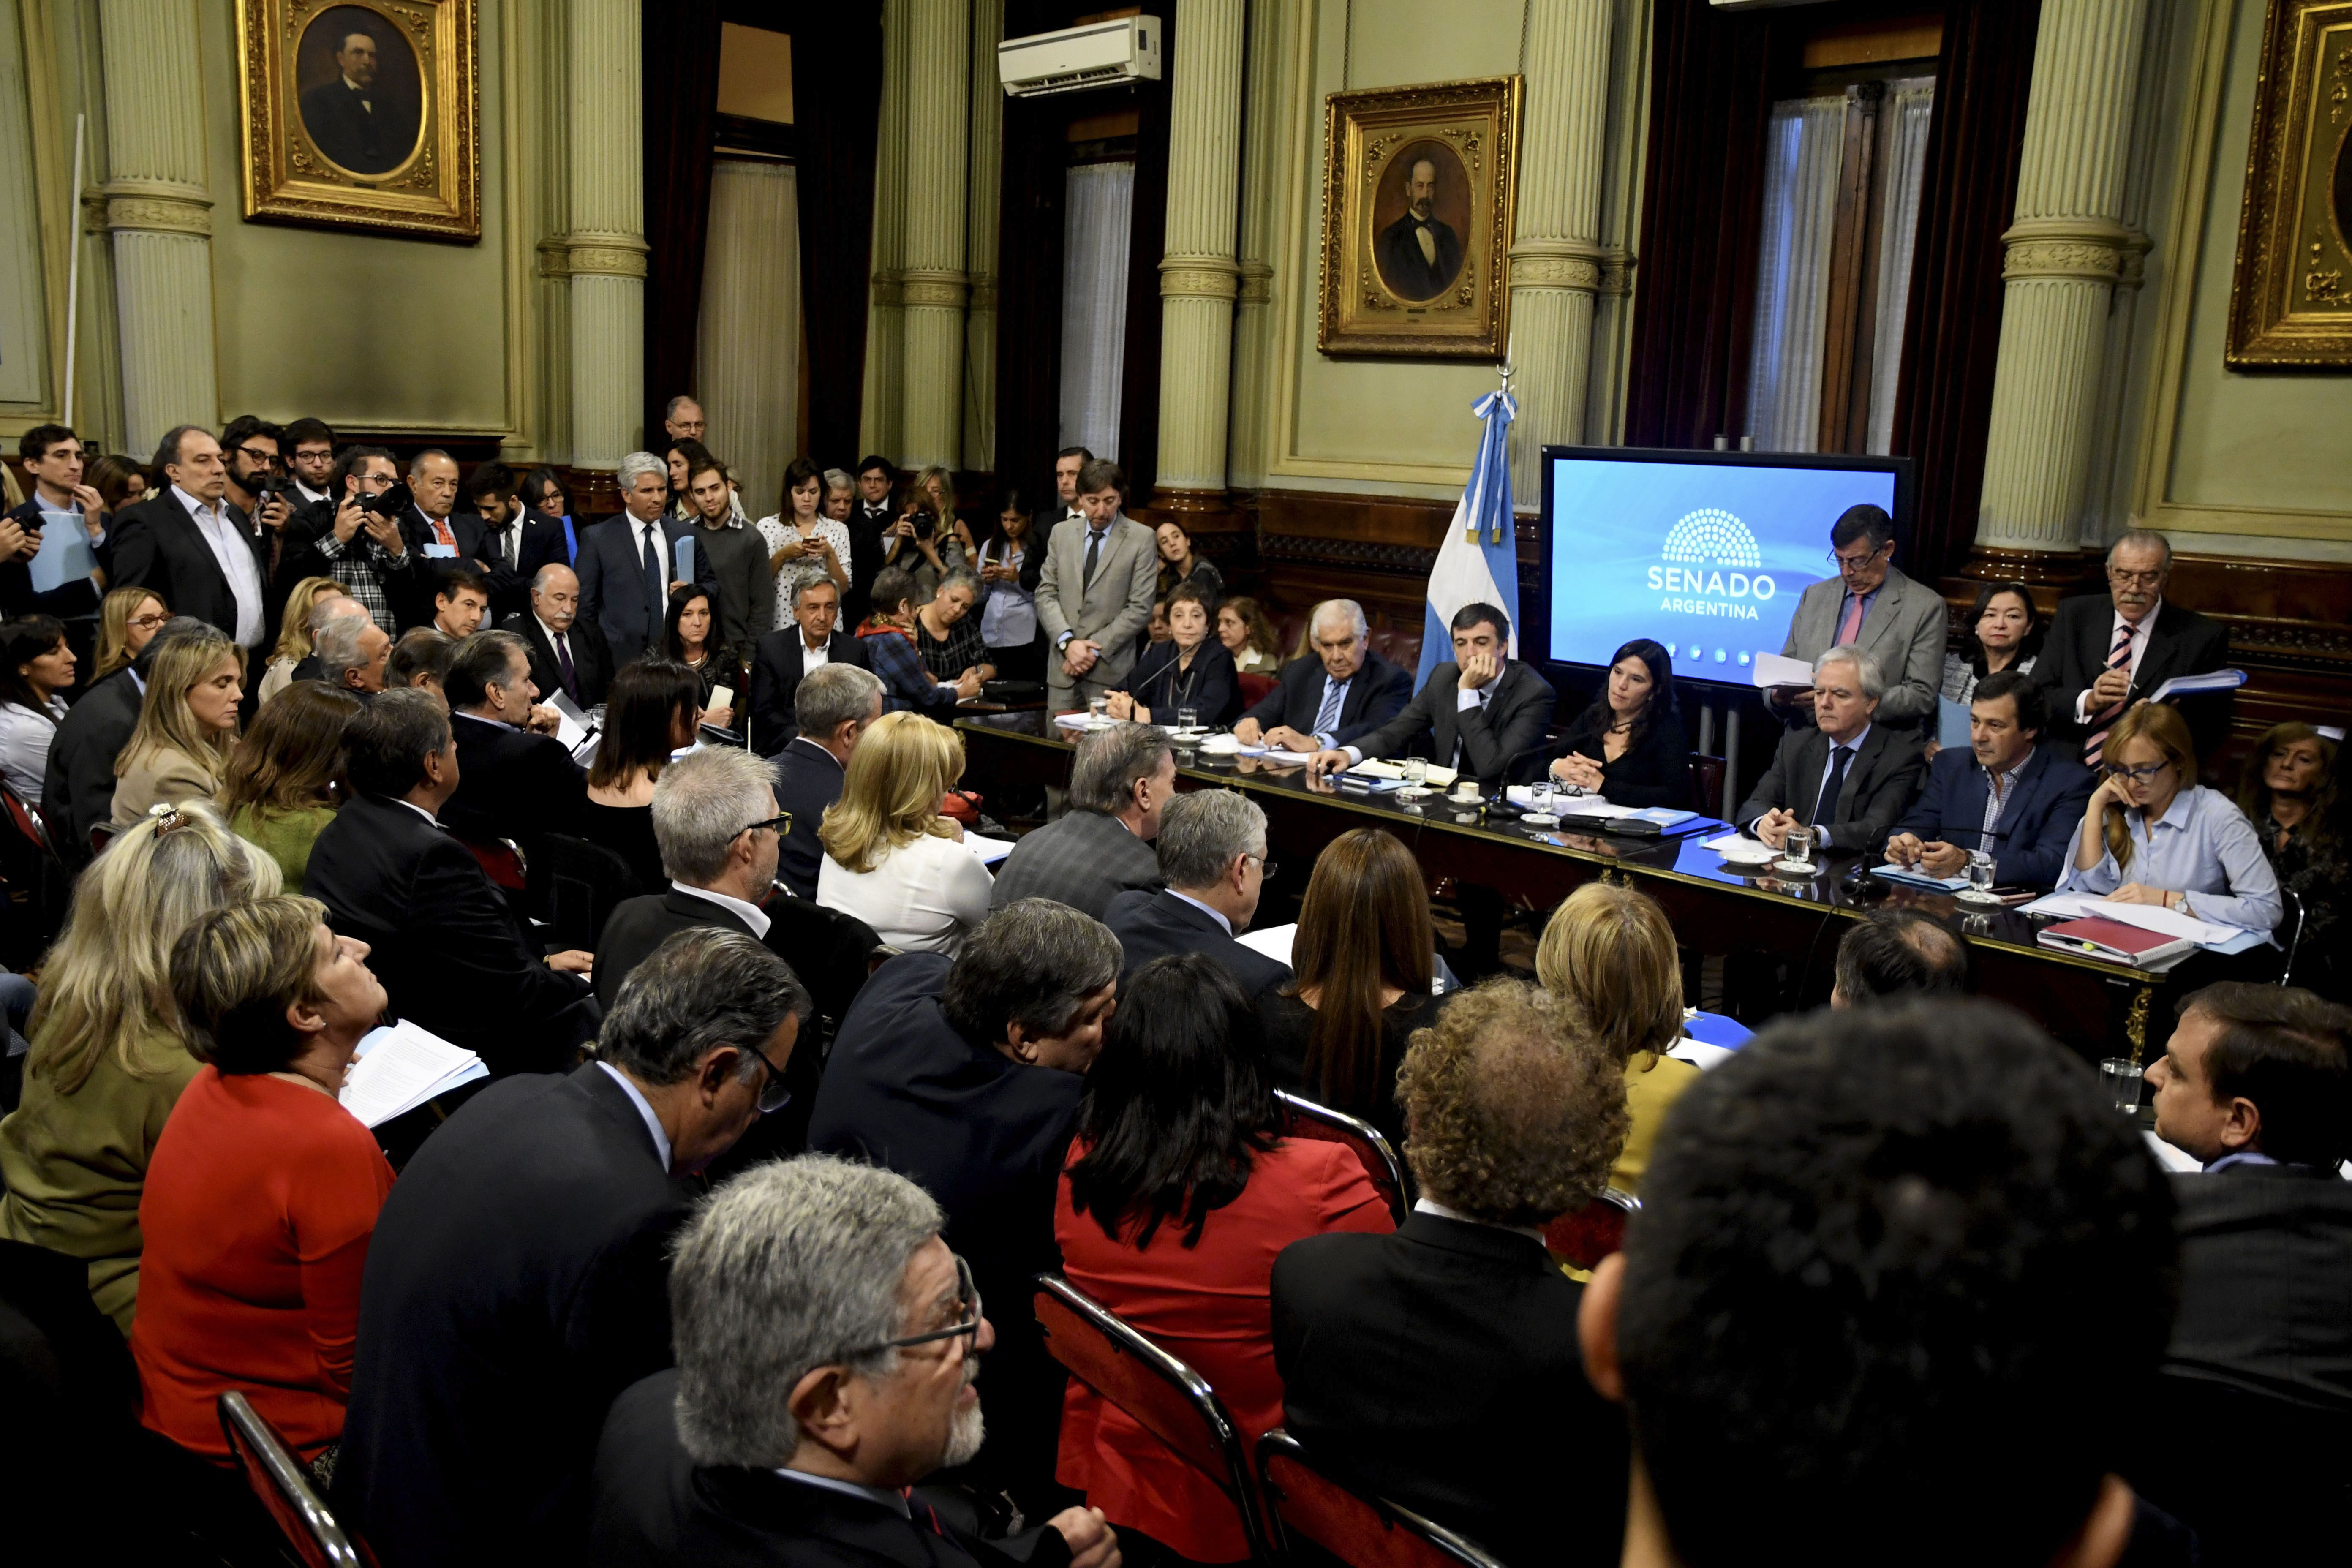 Senado: la discusión por el tarifazo continuará la semana próxima